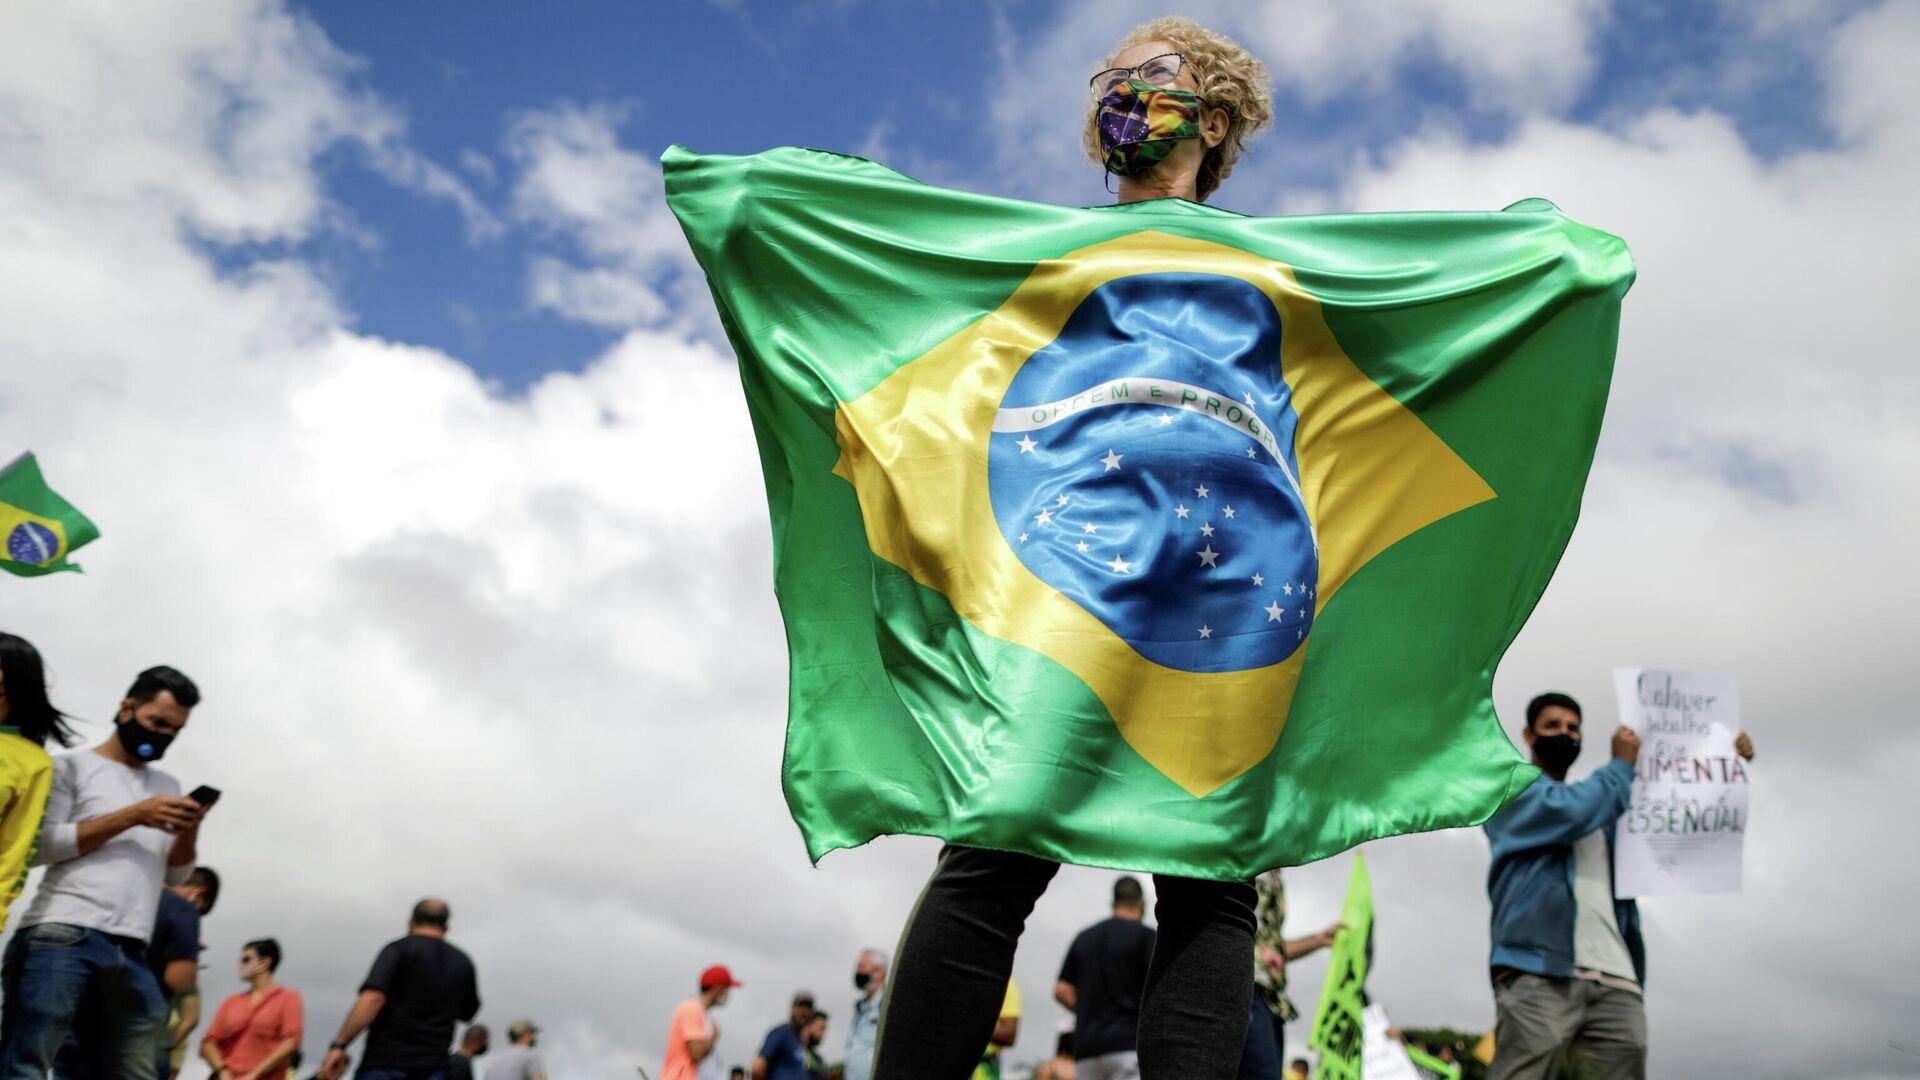 Protestas contra el toque de queda para frenar COVID-19 en Brasil - Sputnik Mundo, 1920, 02.03.2021